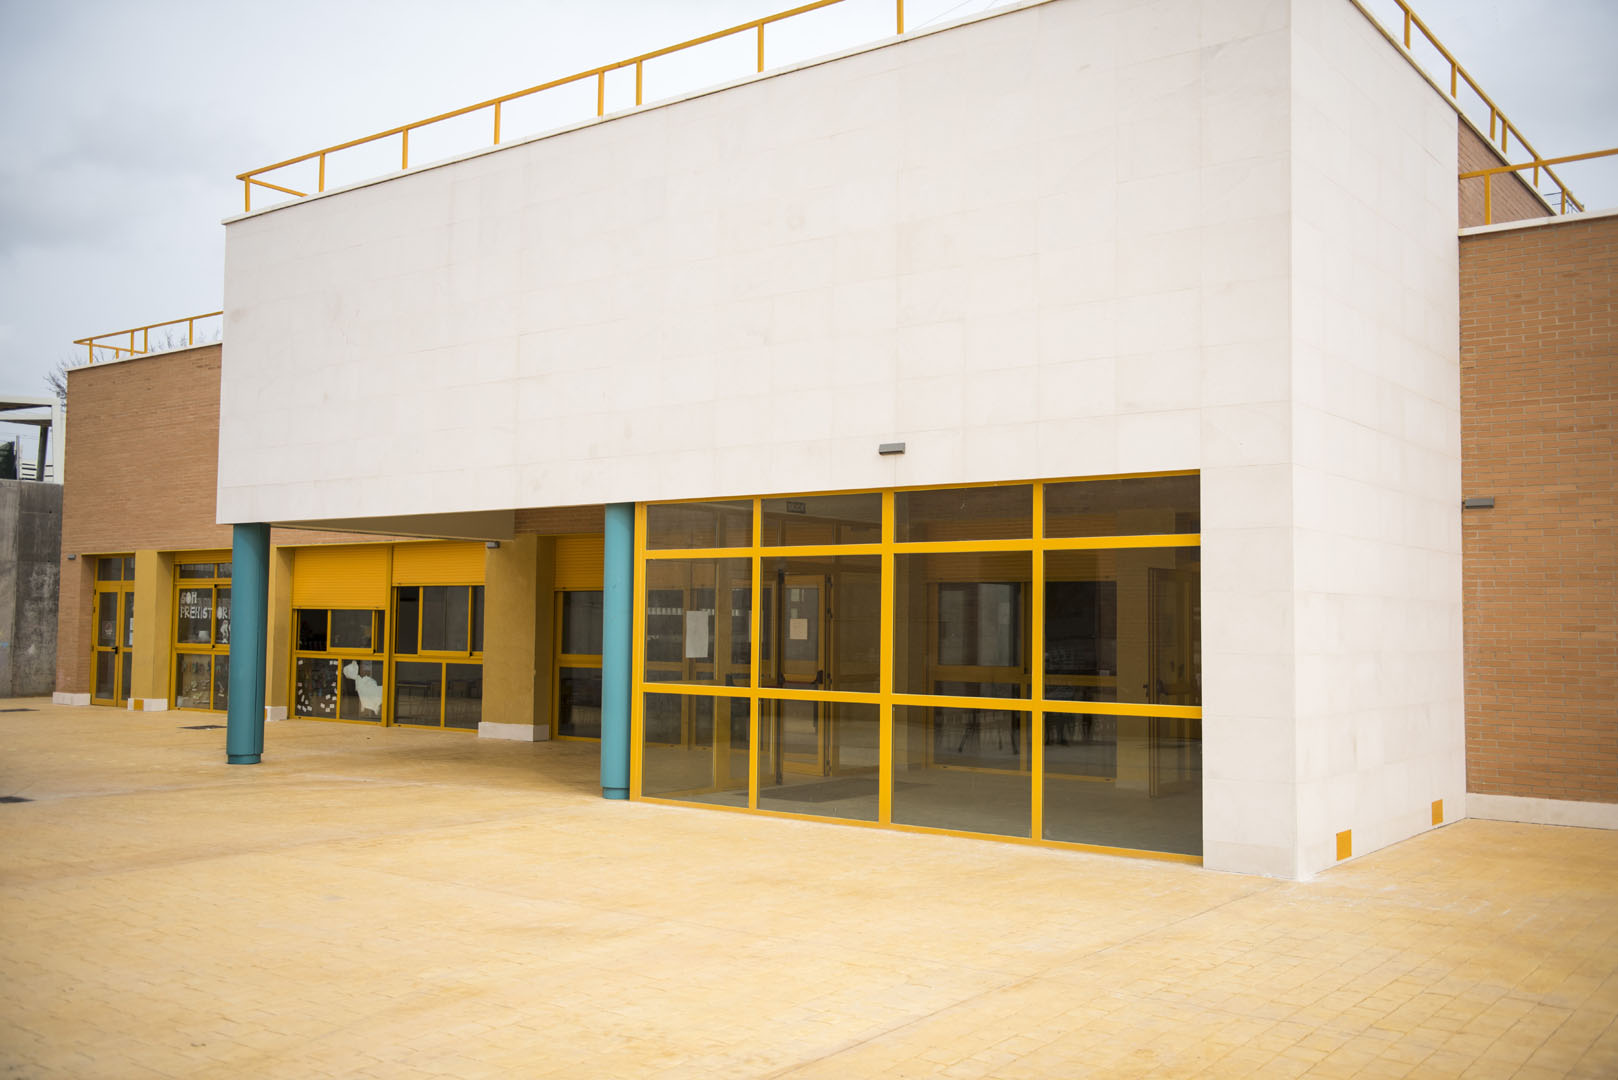 http://www.colegiotempranales.com/images/tempranales/centro/galeria/Comedor1.jpg